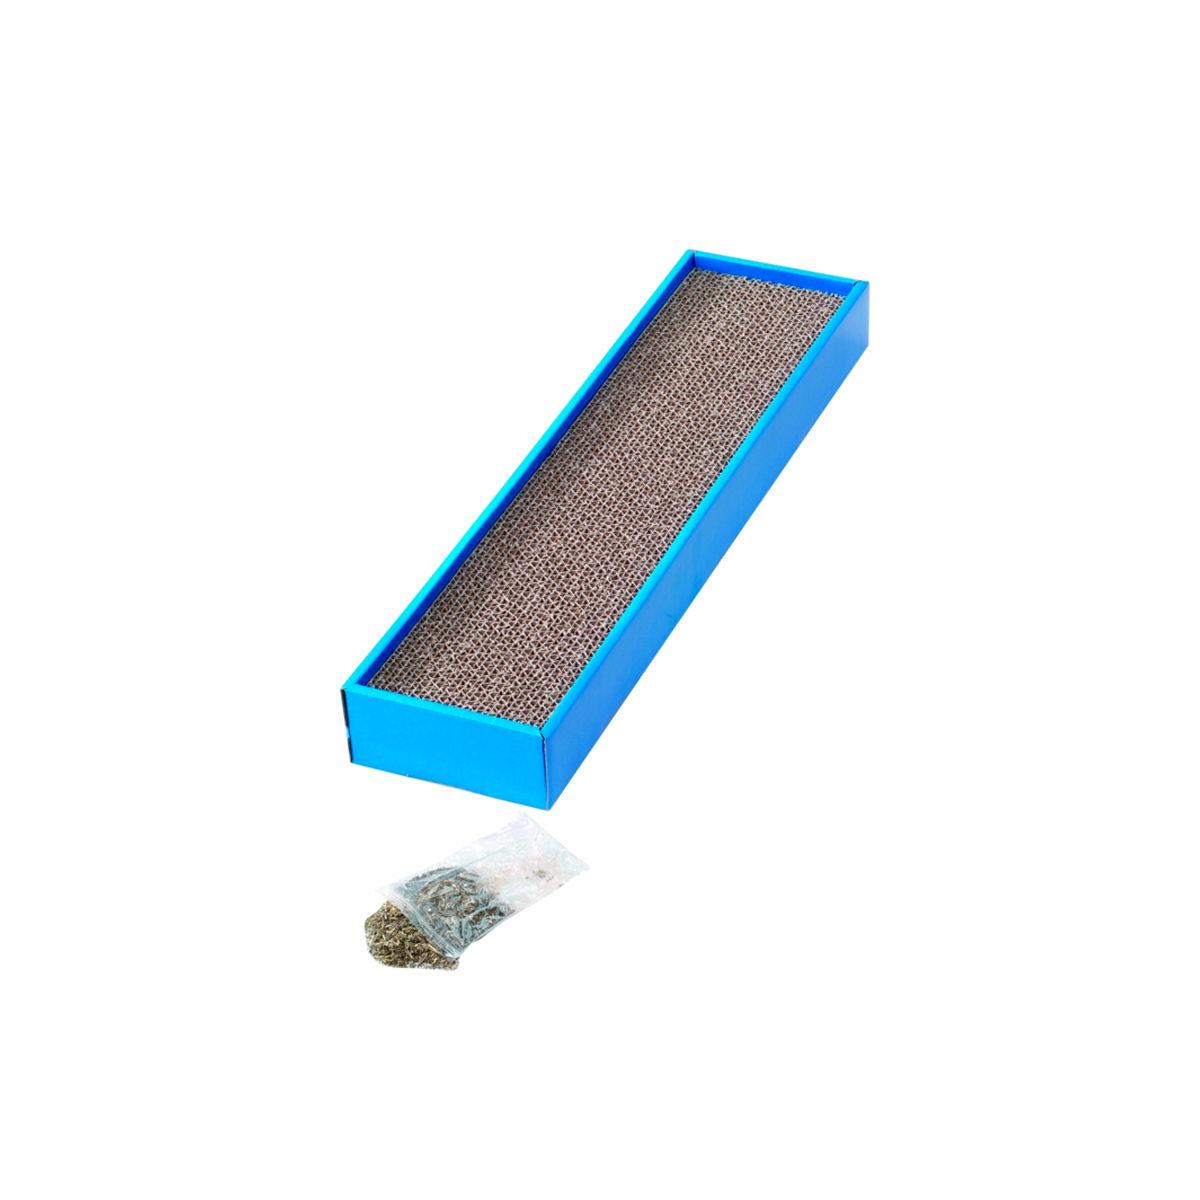 Karton Kattenplank 50 cm Met Catnip